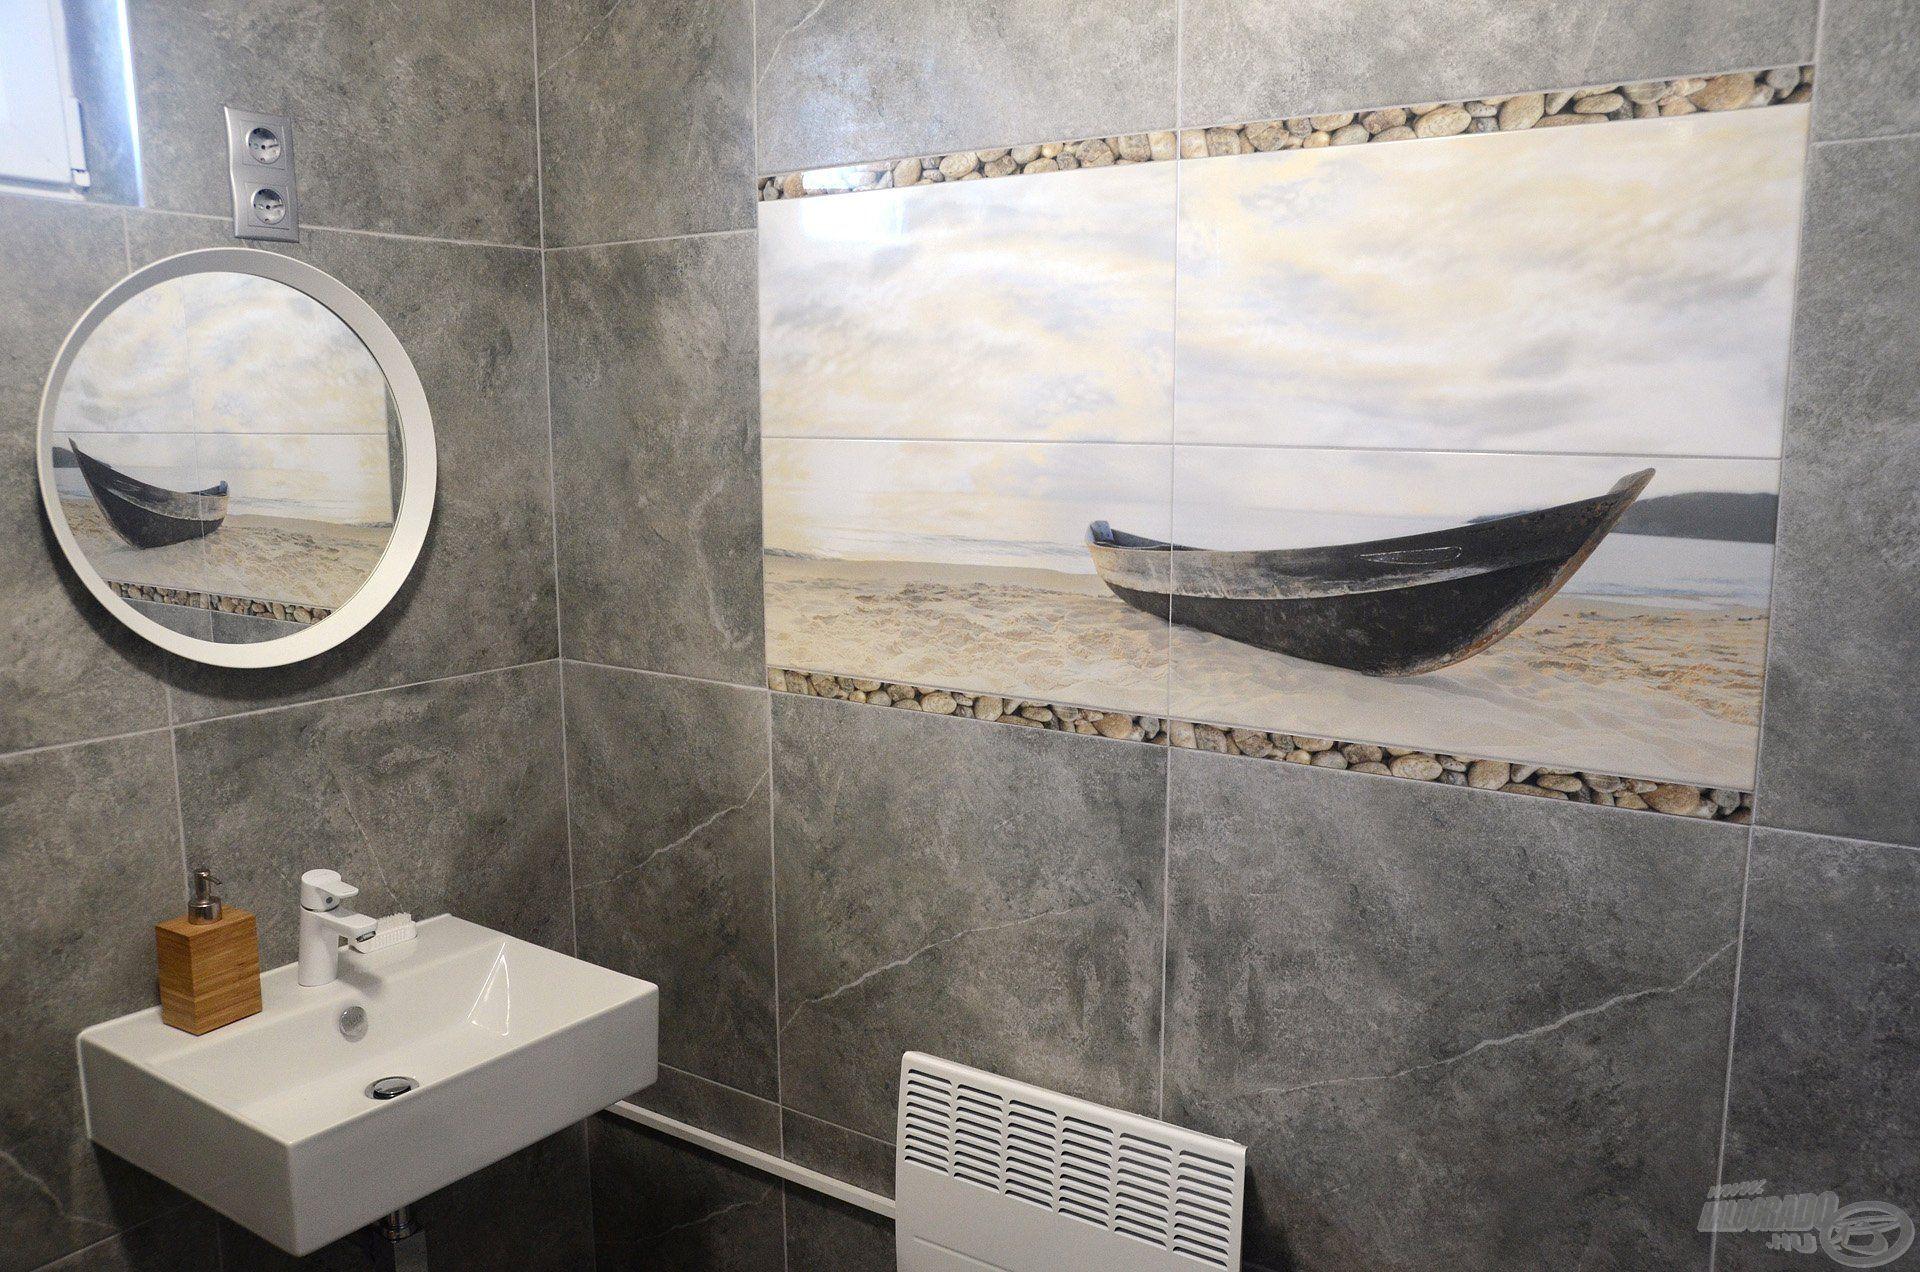 Az épülethez méltó, igényes kialakítást kapott a fürdőszoba is